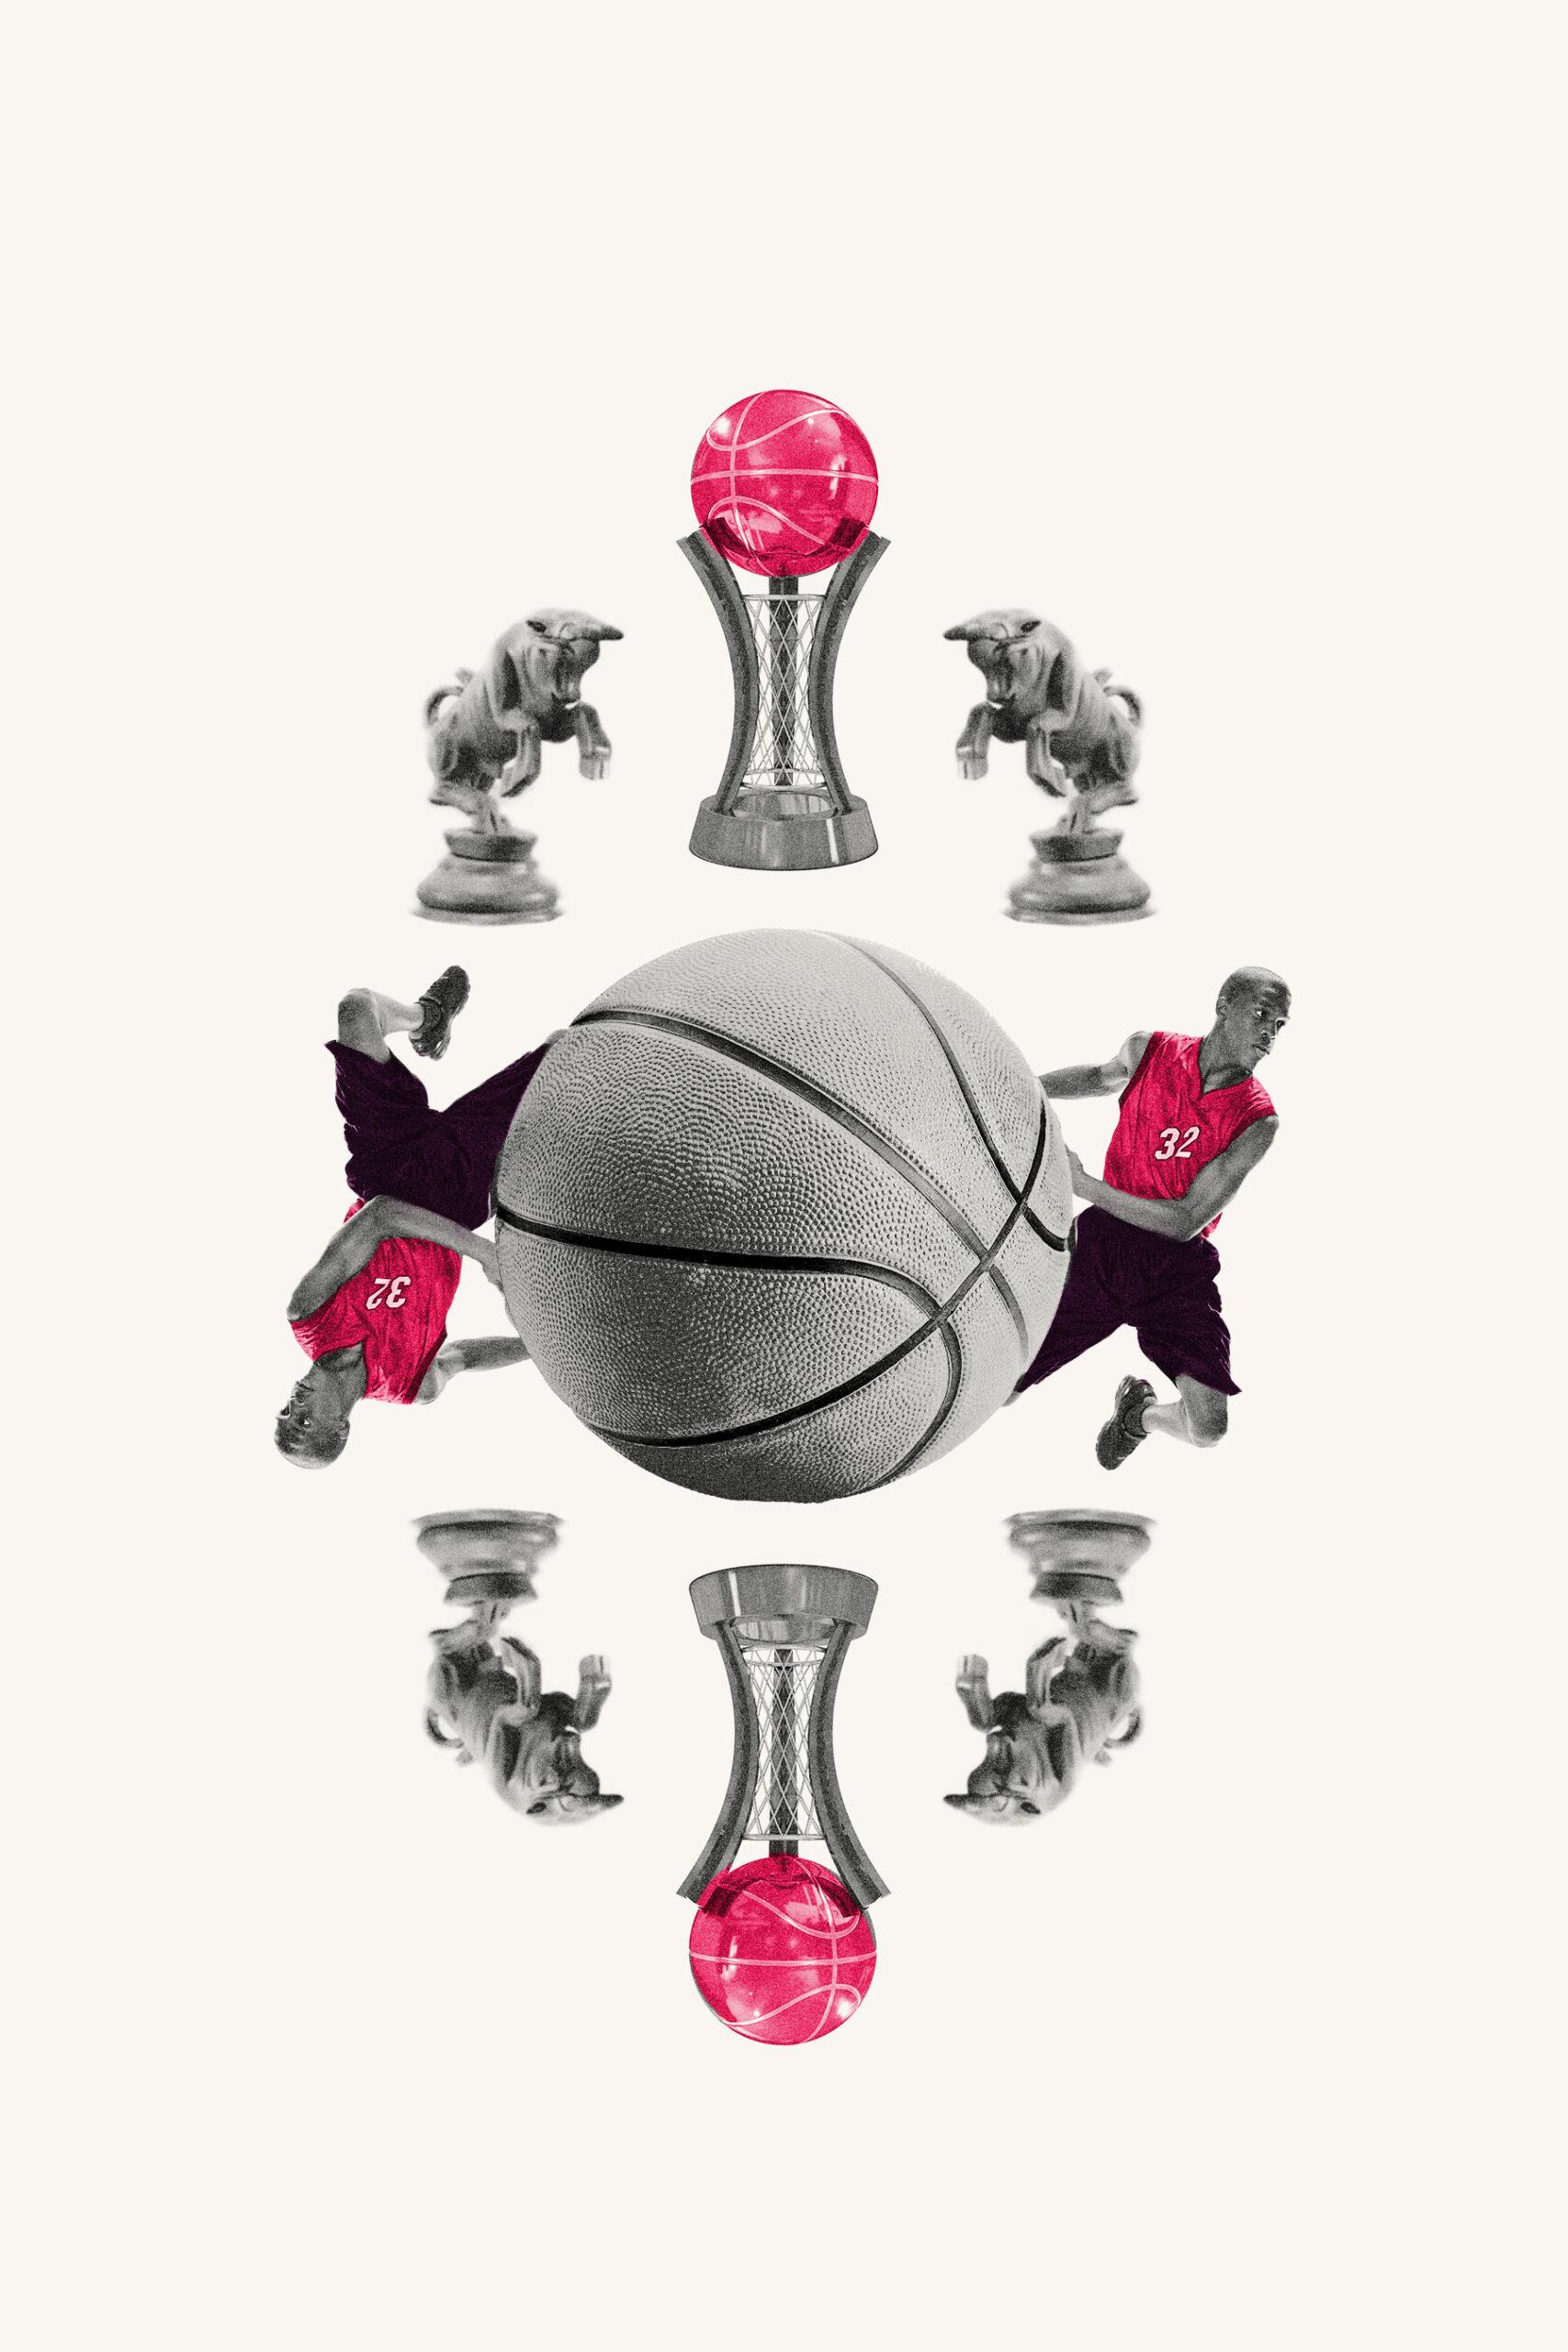 1995-96 Chicago Bulls - Branding Lesson